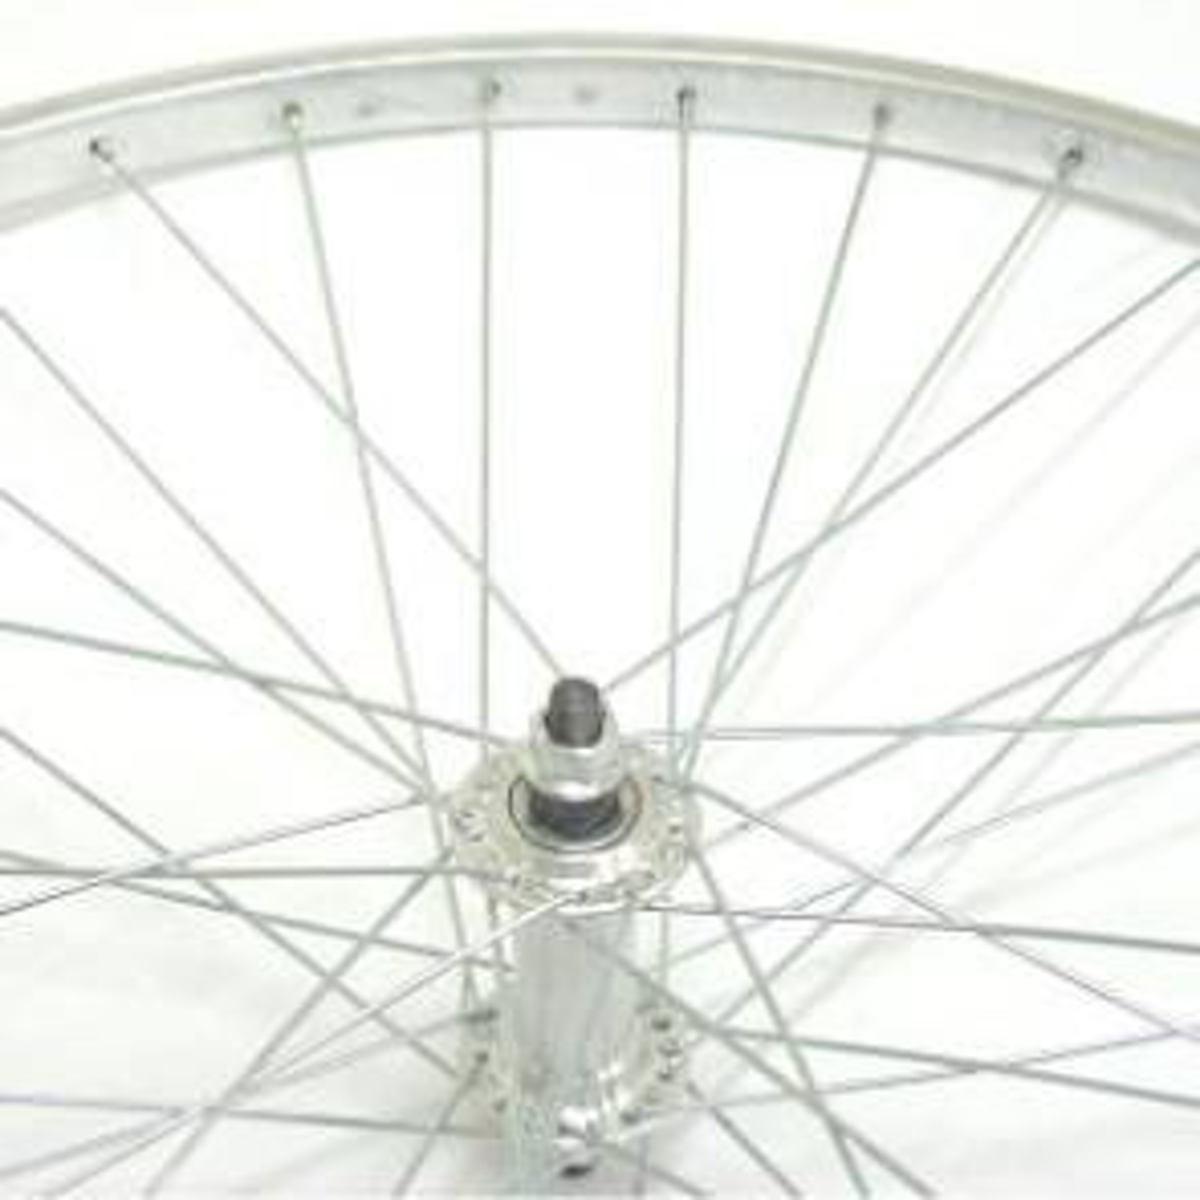 VWP voorwiel 24-1.75 inch aluminium 36G zilver